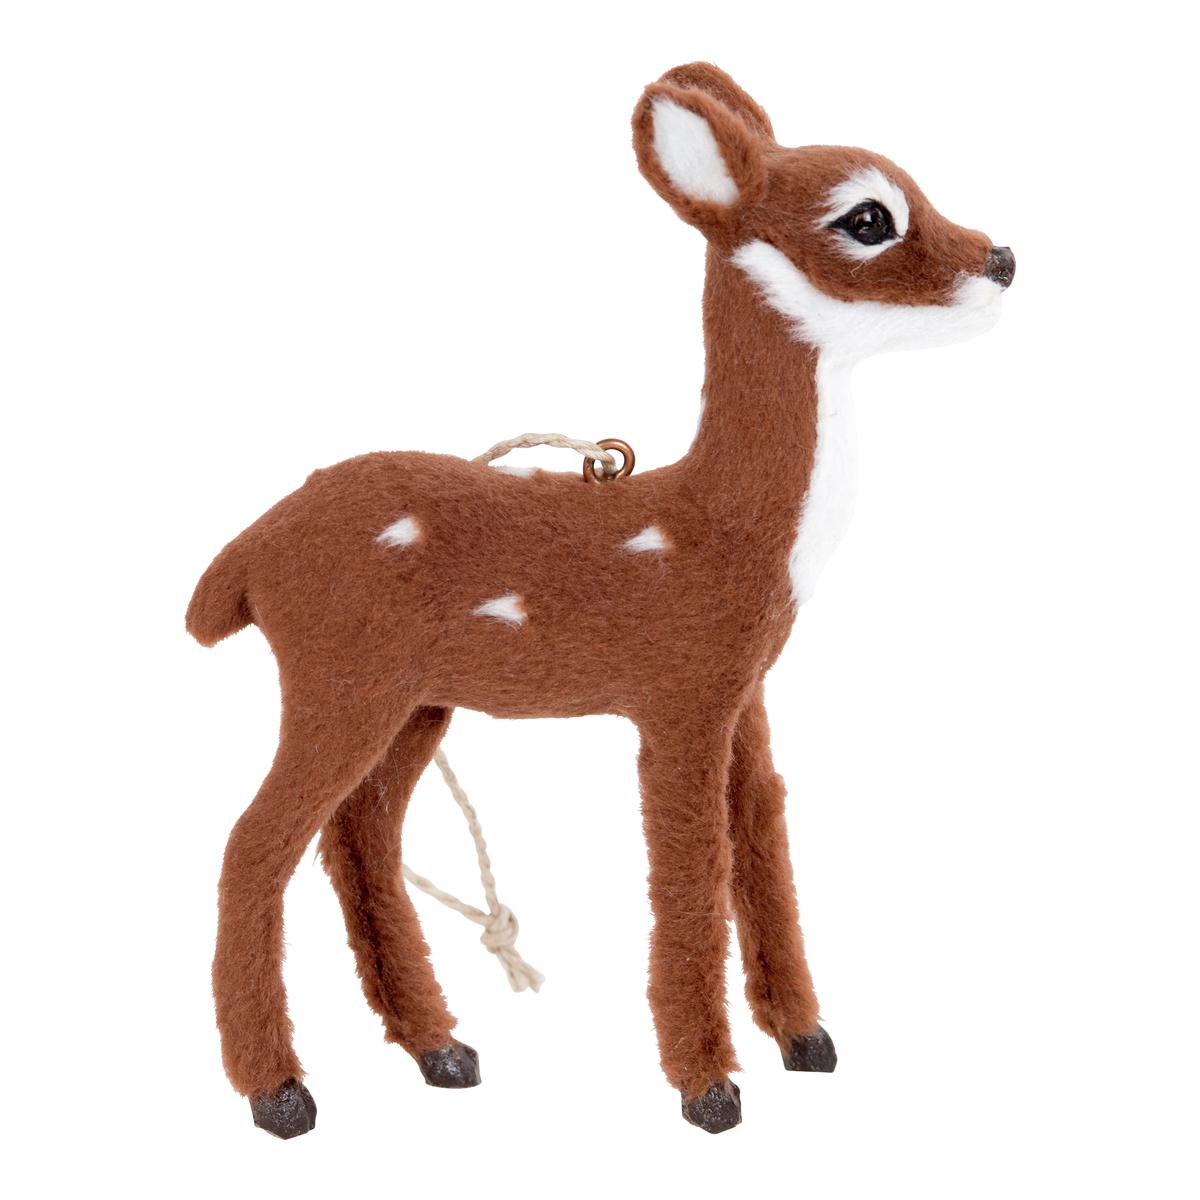 Julepynt Bambi